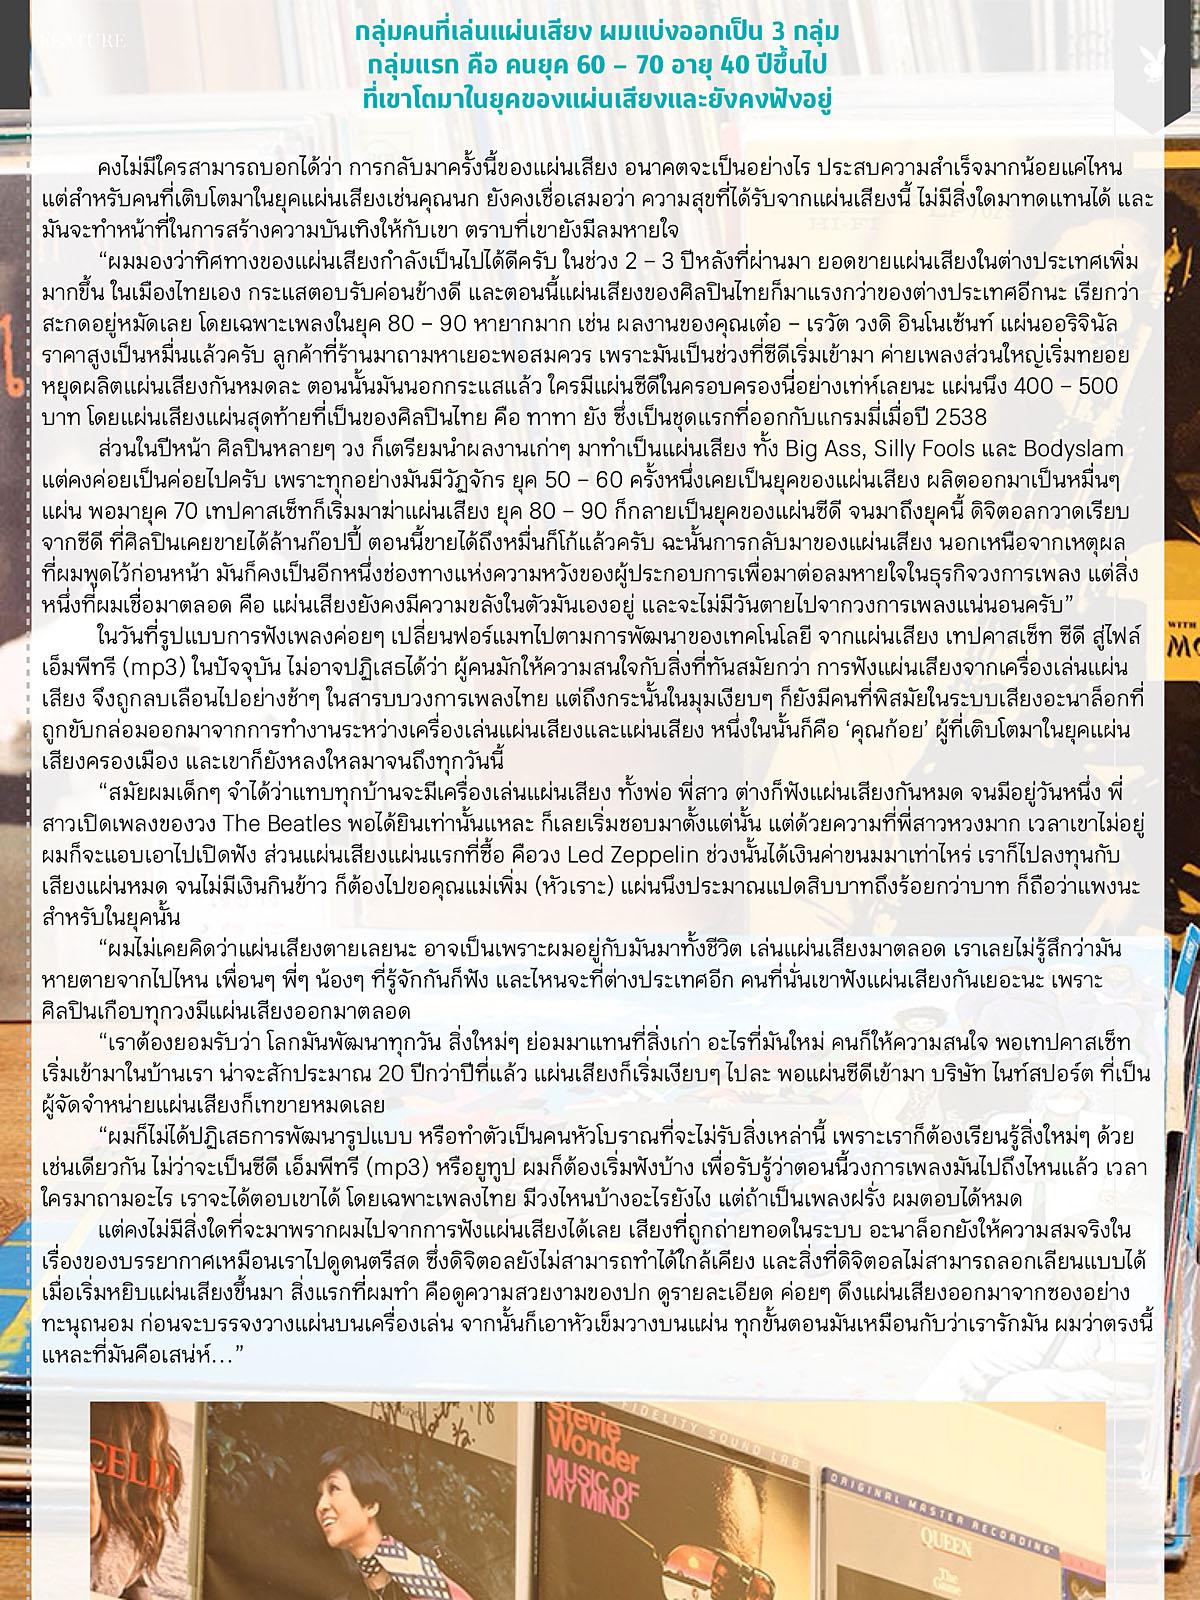 Playboy Thailand 2013-12 Vinyl 03.jpg